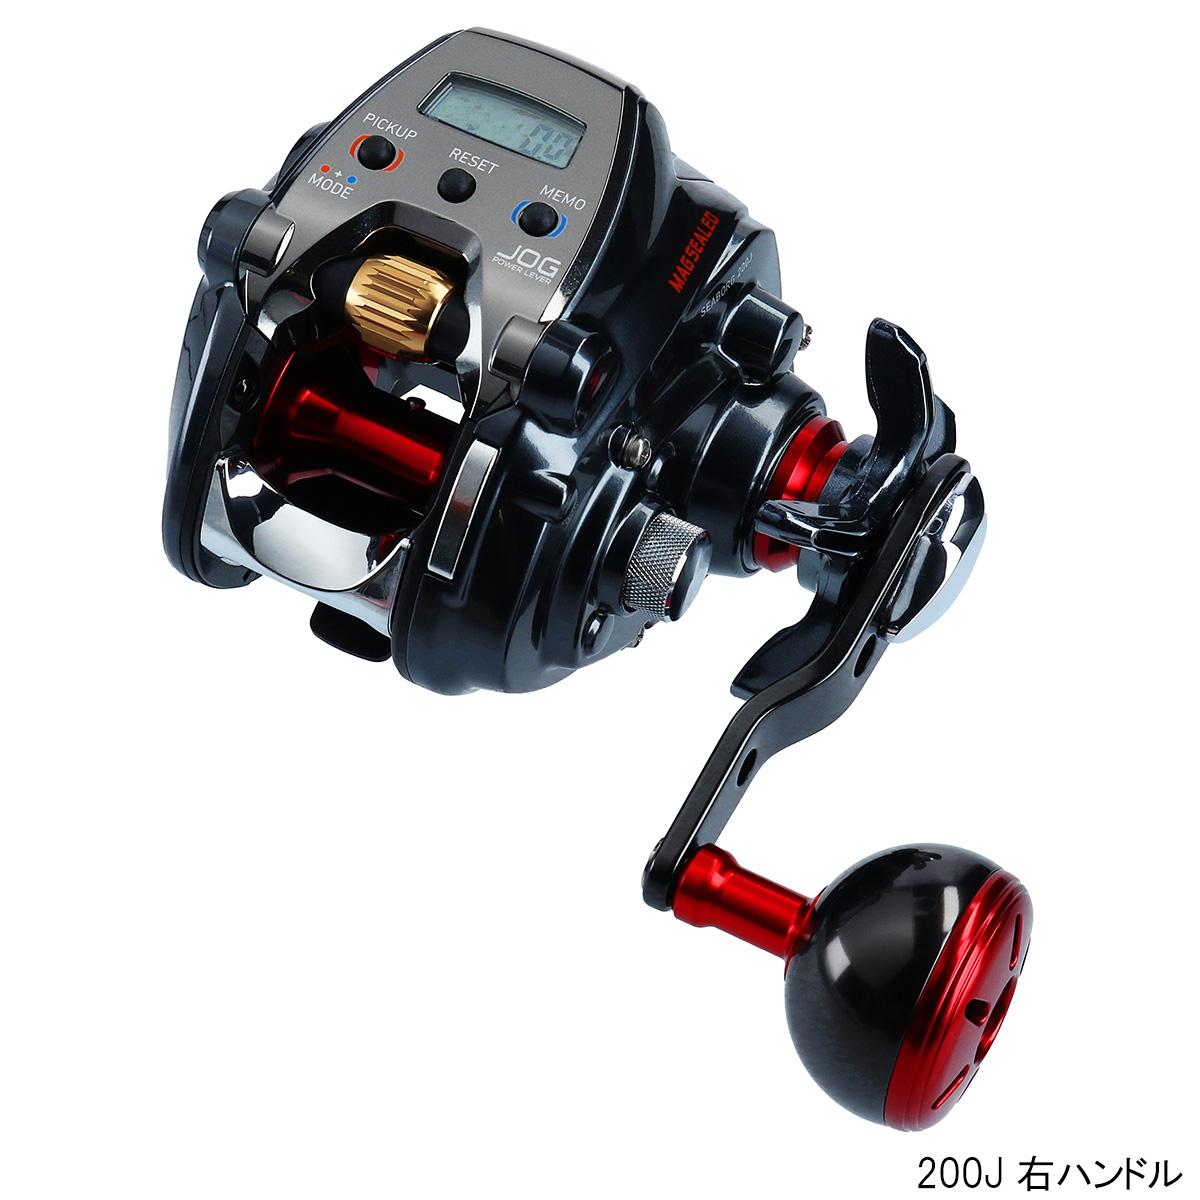 ダイワ シーボーグ 200J 右ハンドル【送料無料】